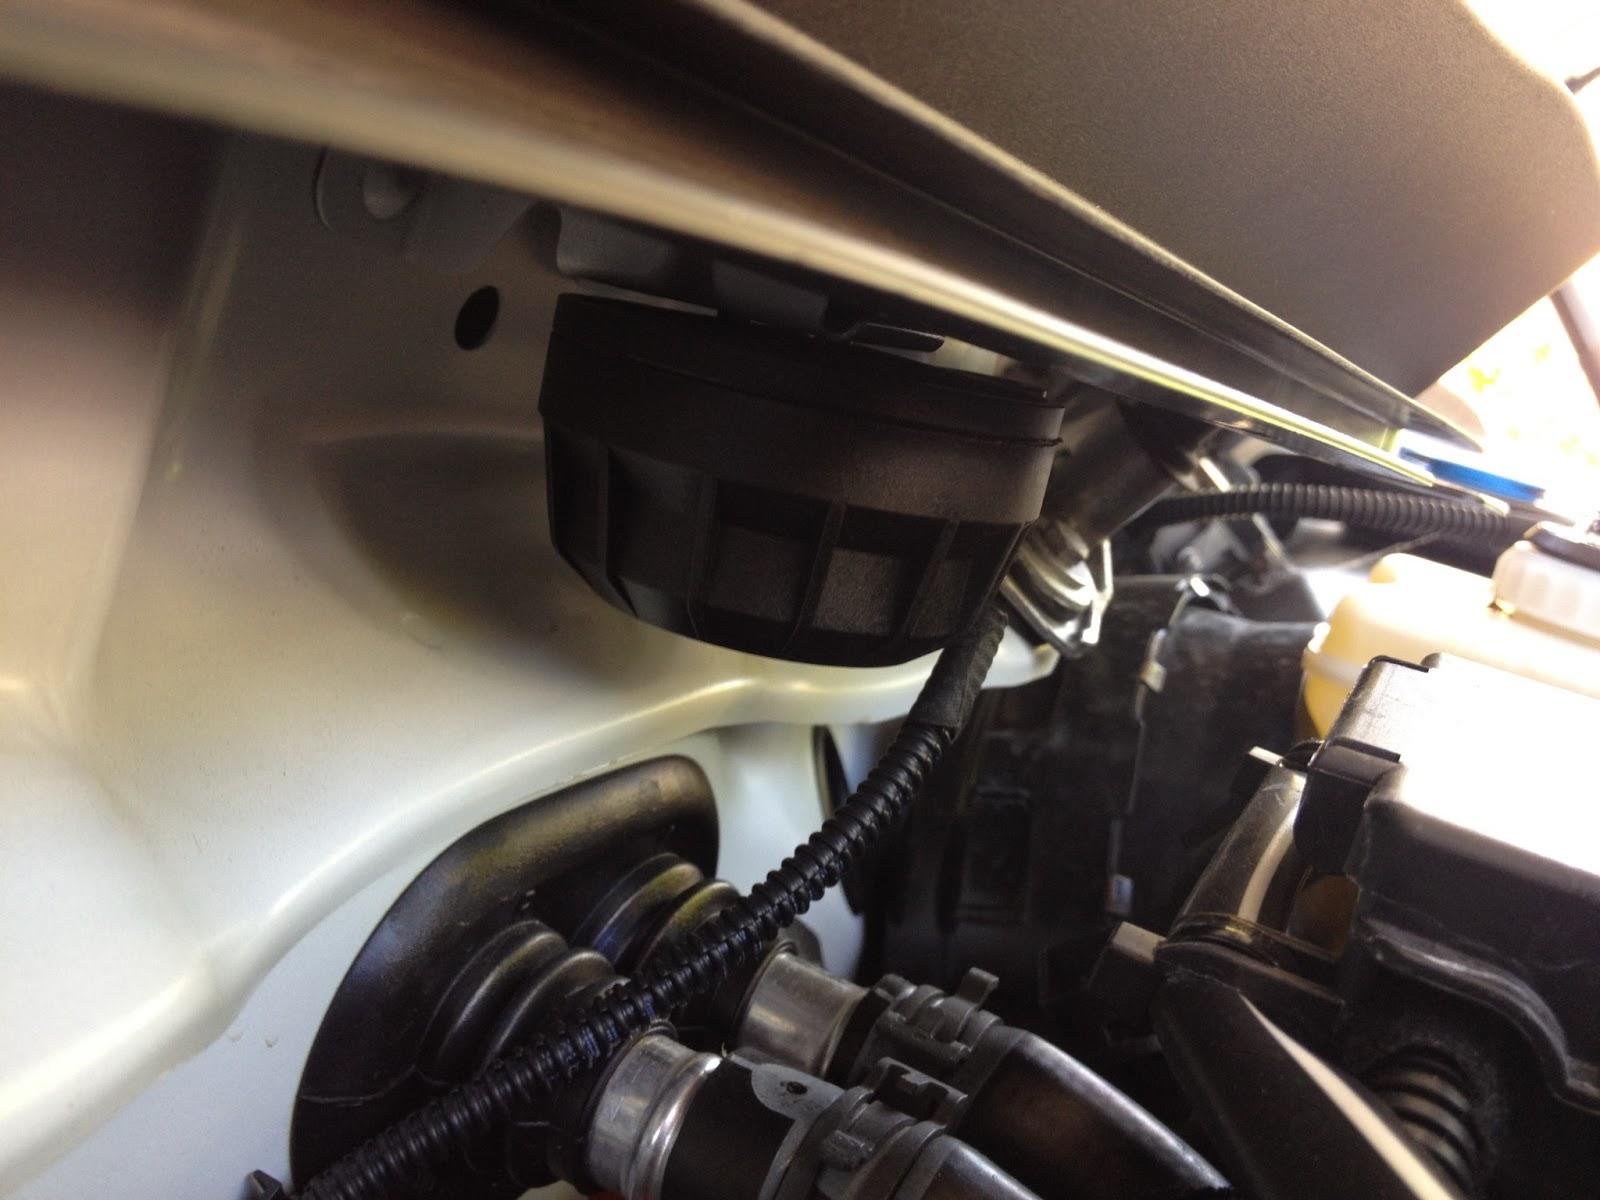 voiture du futur audi engine sound system le diesel qui sonne comme un moteur essence. Black Bedroom Furniture Sets. Home Design Ideas